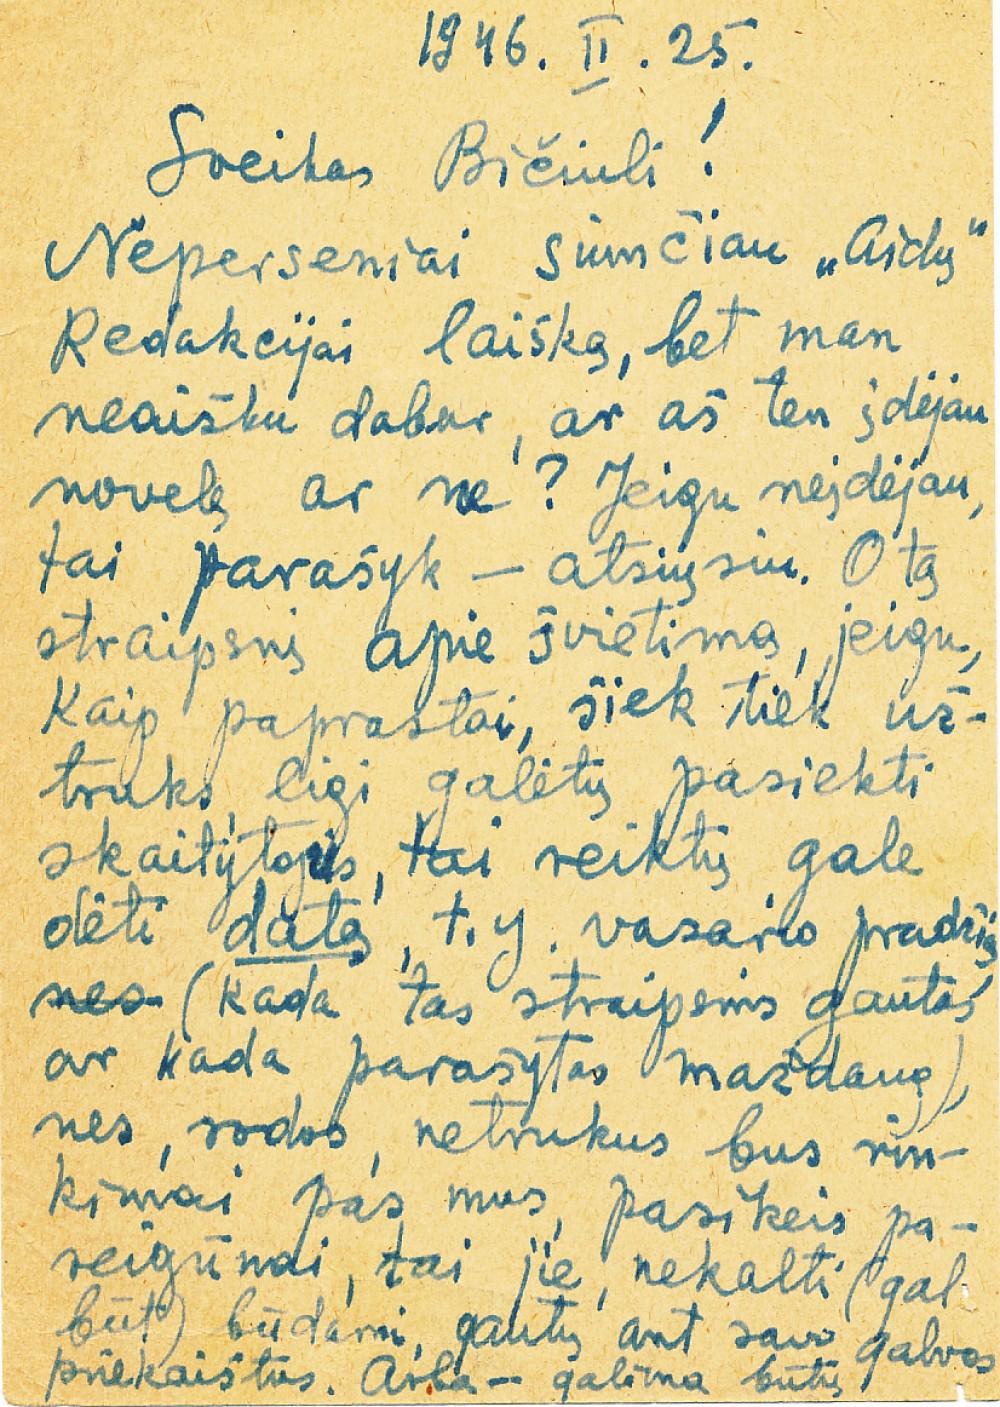 P. Orintaitės atvirlaiškis K. Bradūnui. 1946 m.